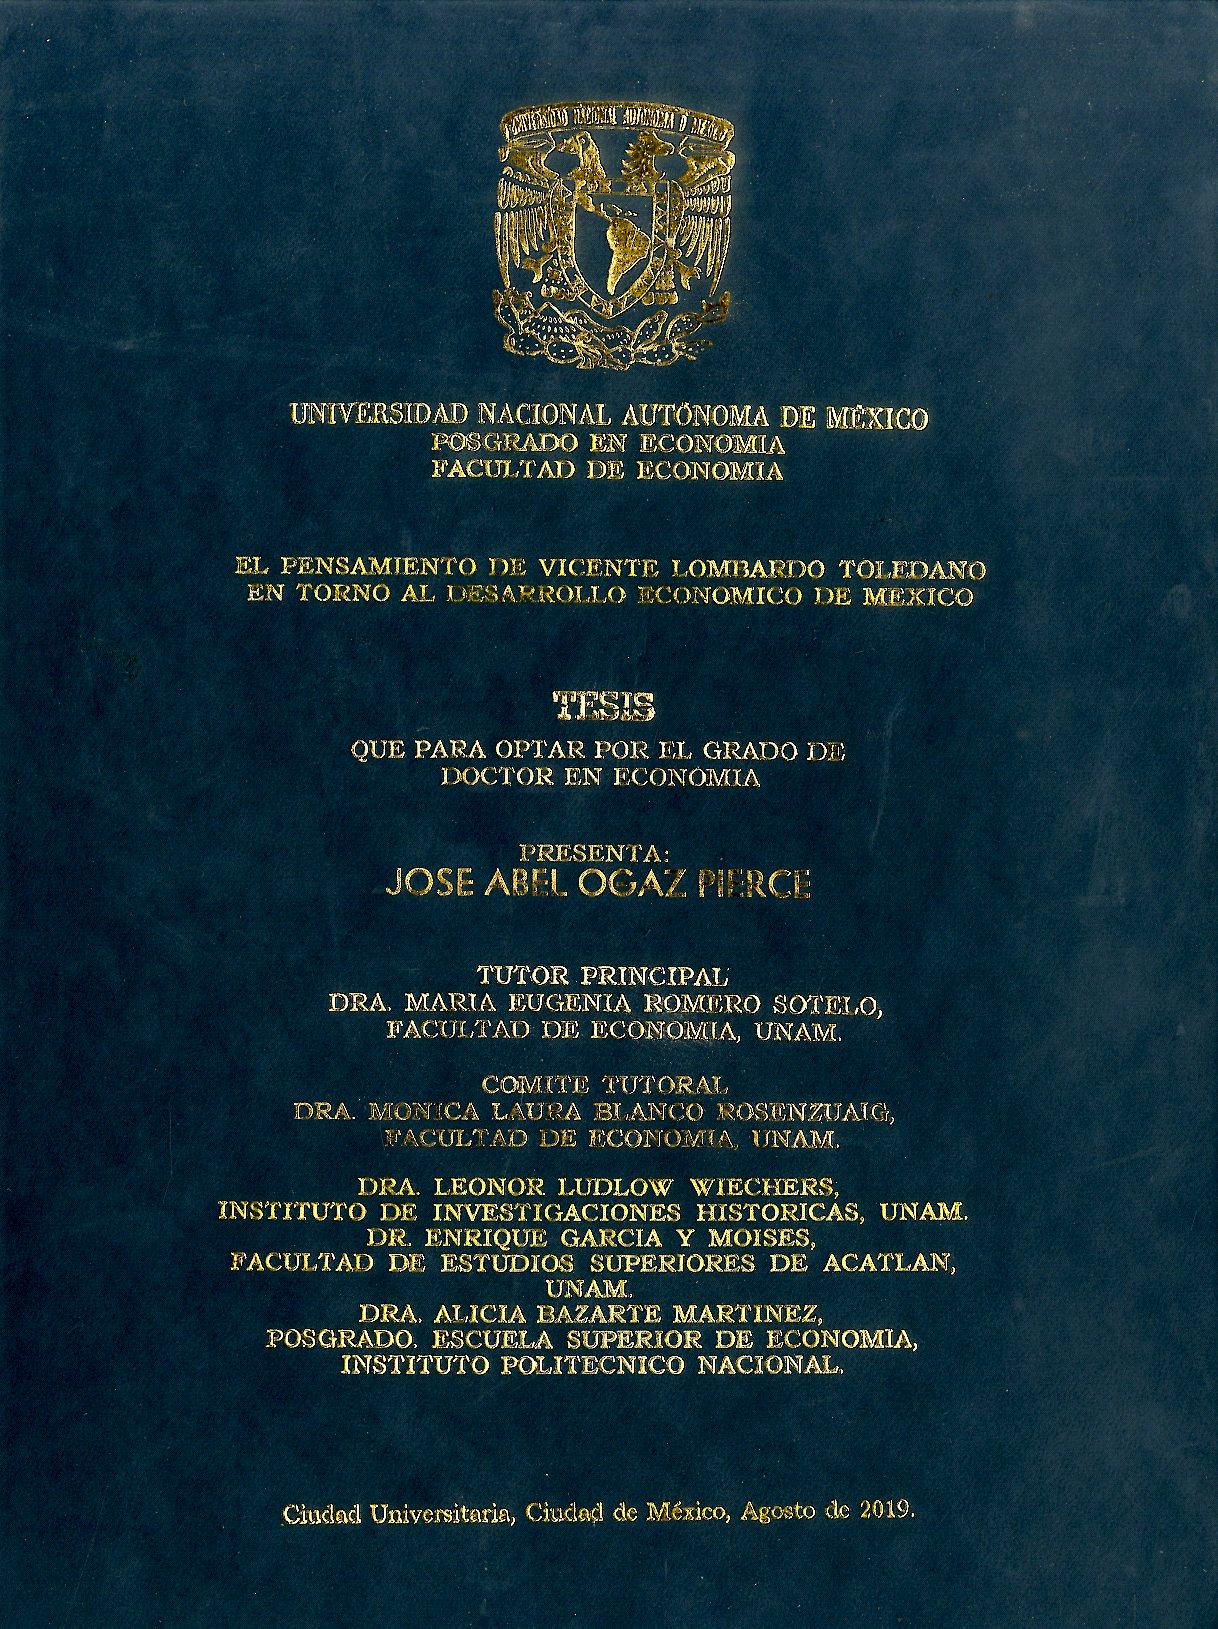 Portada del libro: EL PENSAMIENTO DE VICENTE LOMBARDO TOLEDANO EN TORNO AL DESARROLLO ECONÓMICO DE MÉXICO